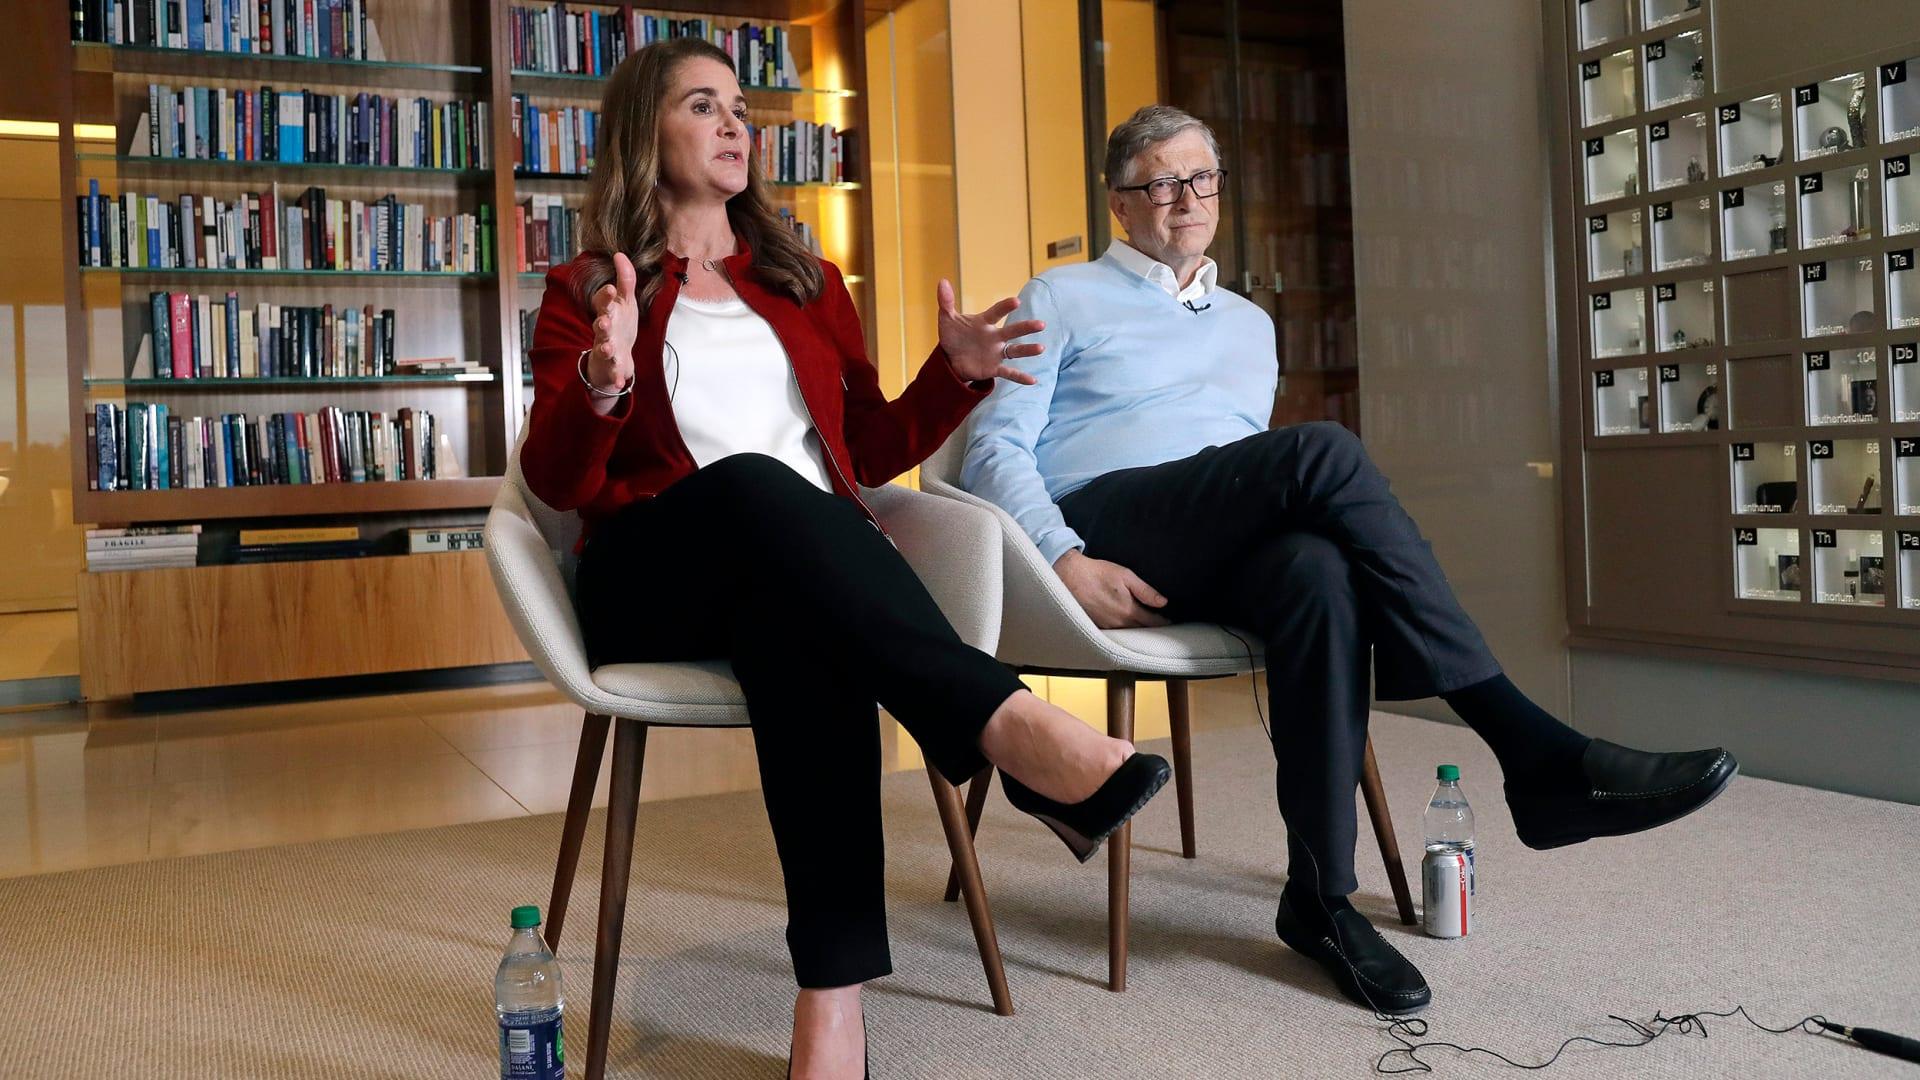 بعد طلاقهما.. كيف سيتقاسم بيل وميليندا غيتس ثروتهما؟